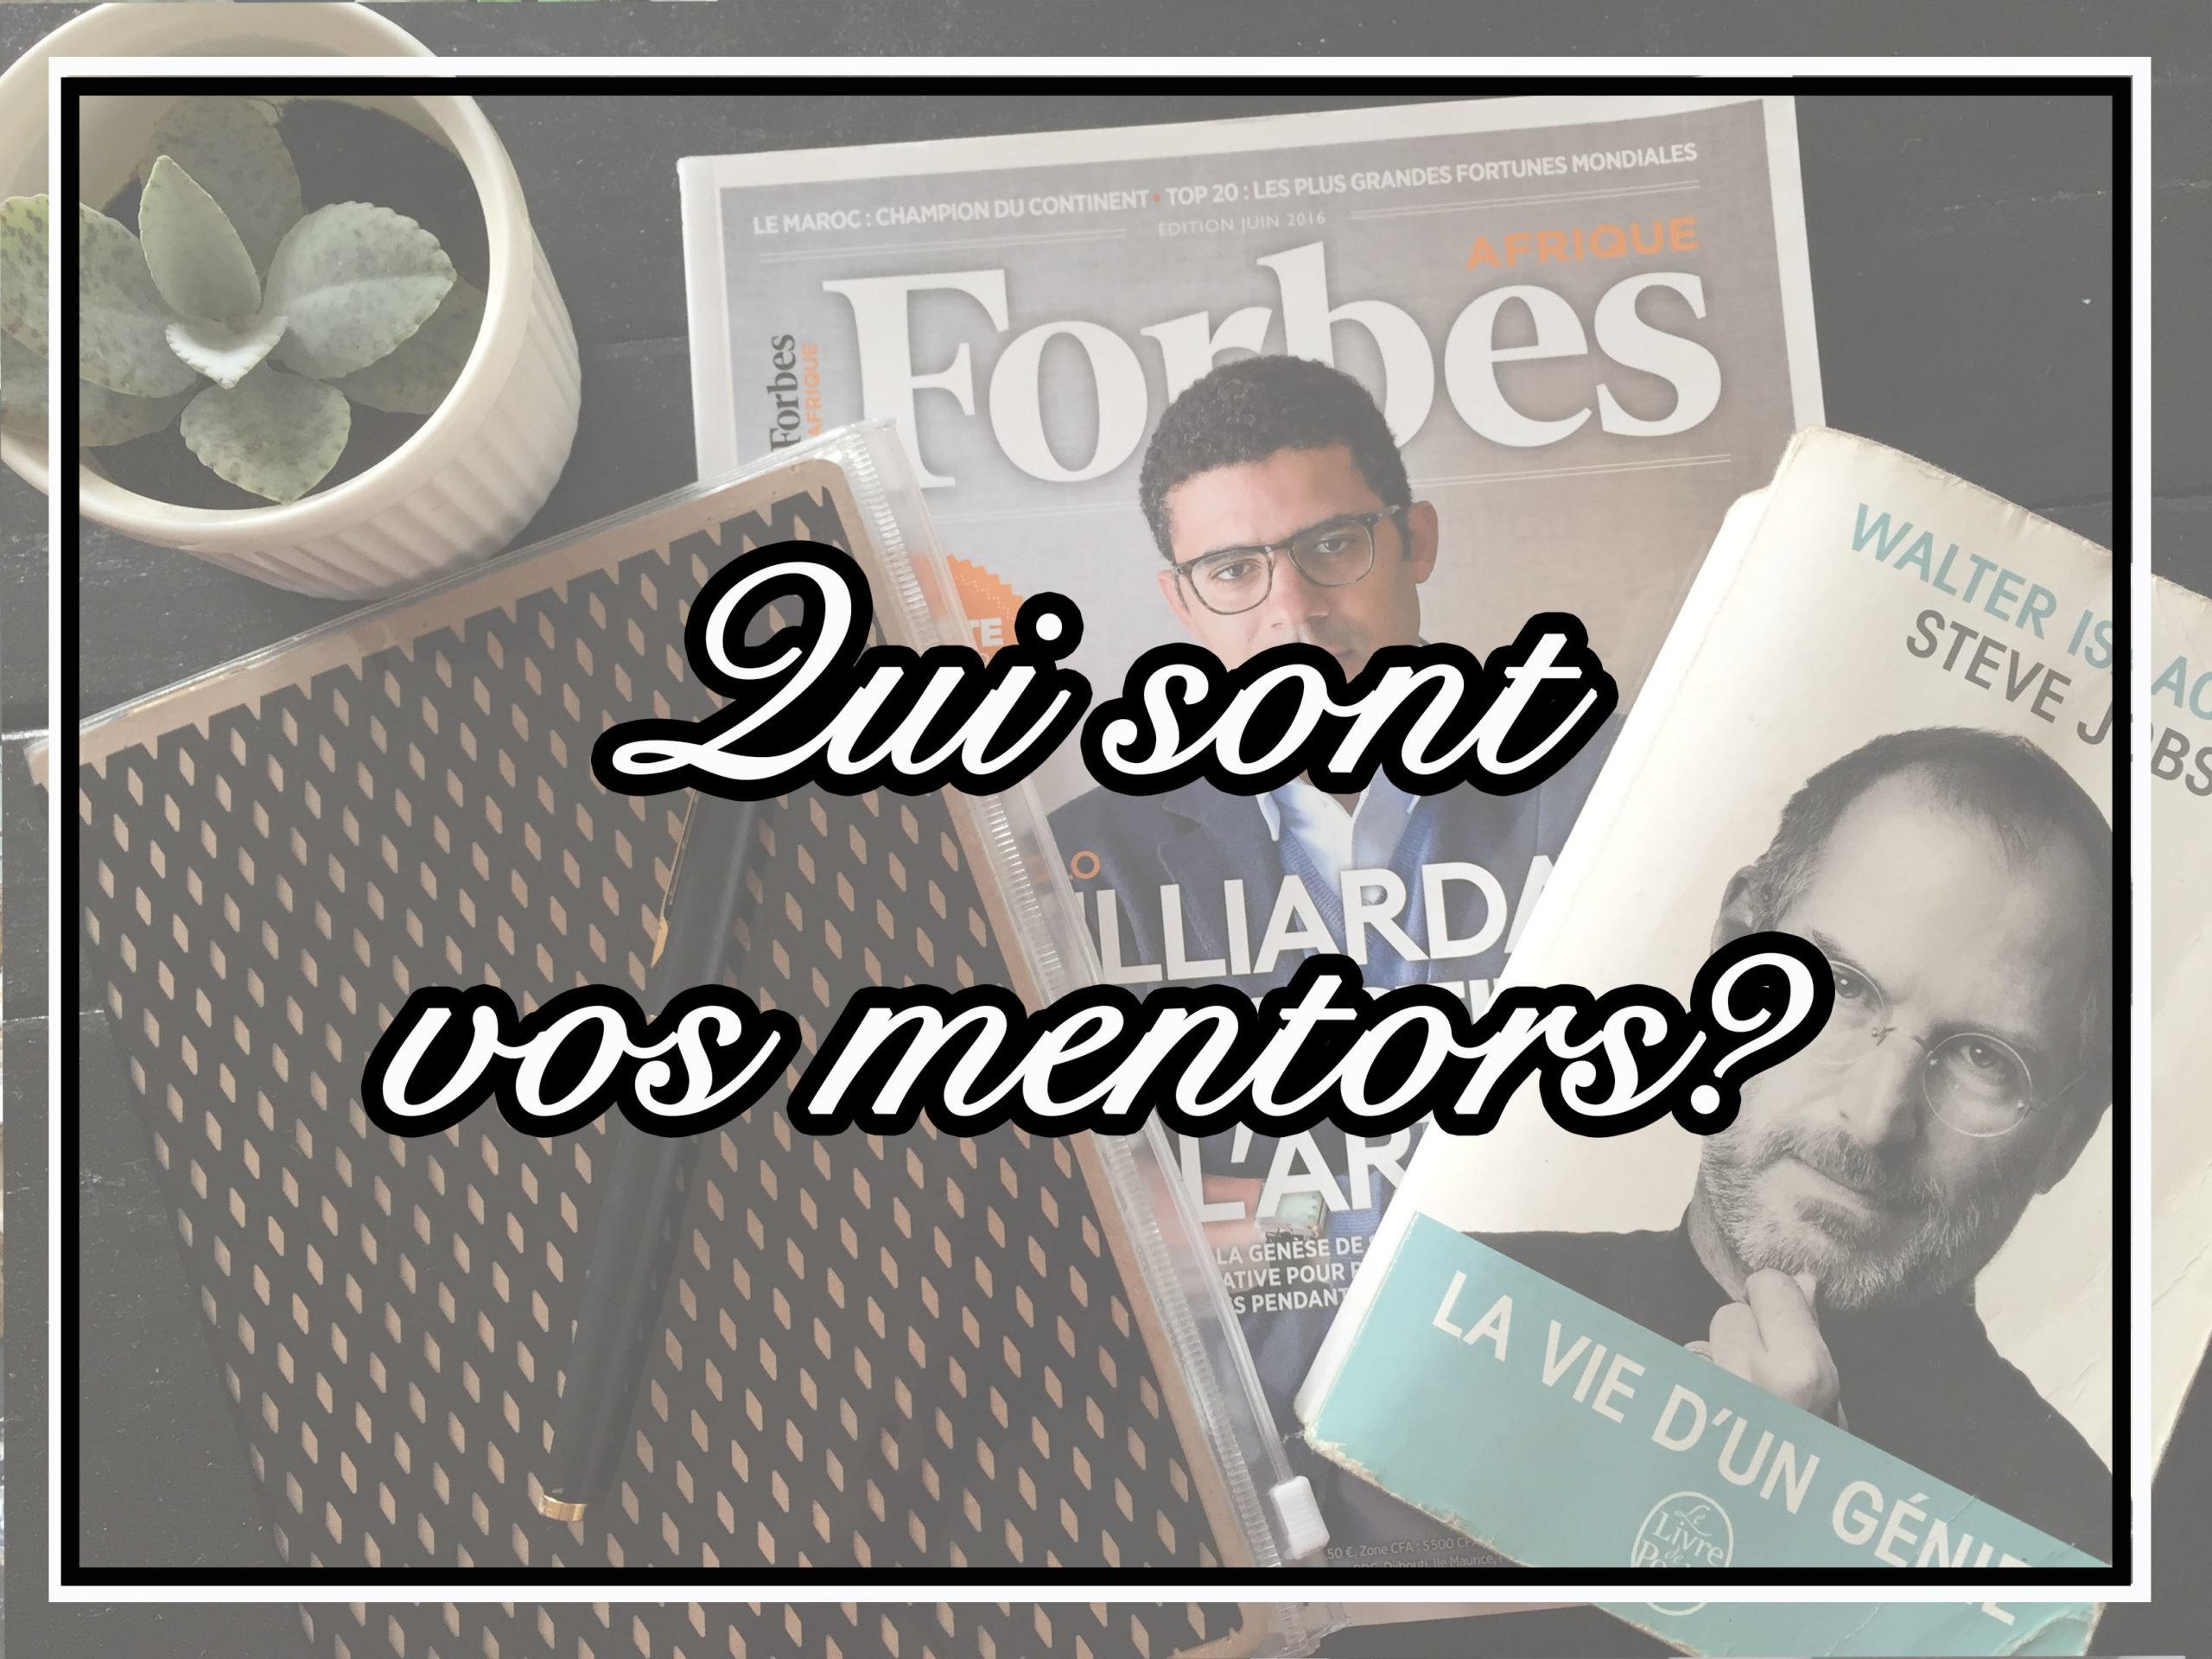 Qui sont vos mentors? Pour moi Sindika Dokolo et Jack Ma